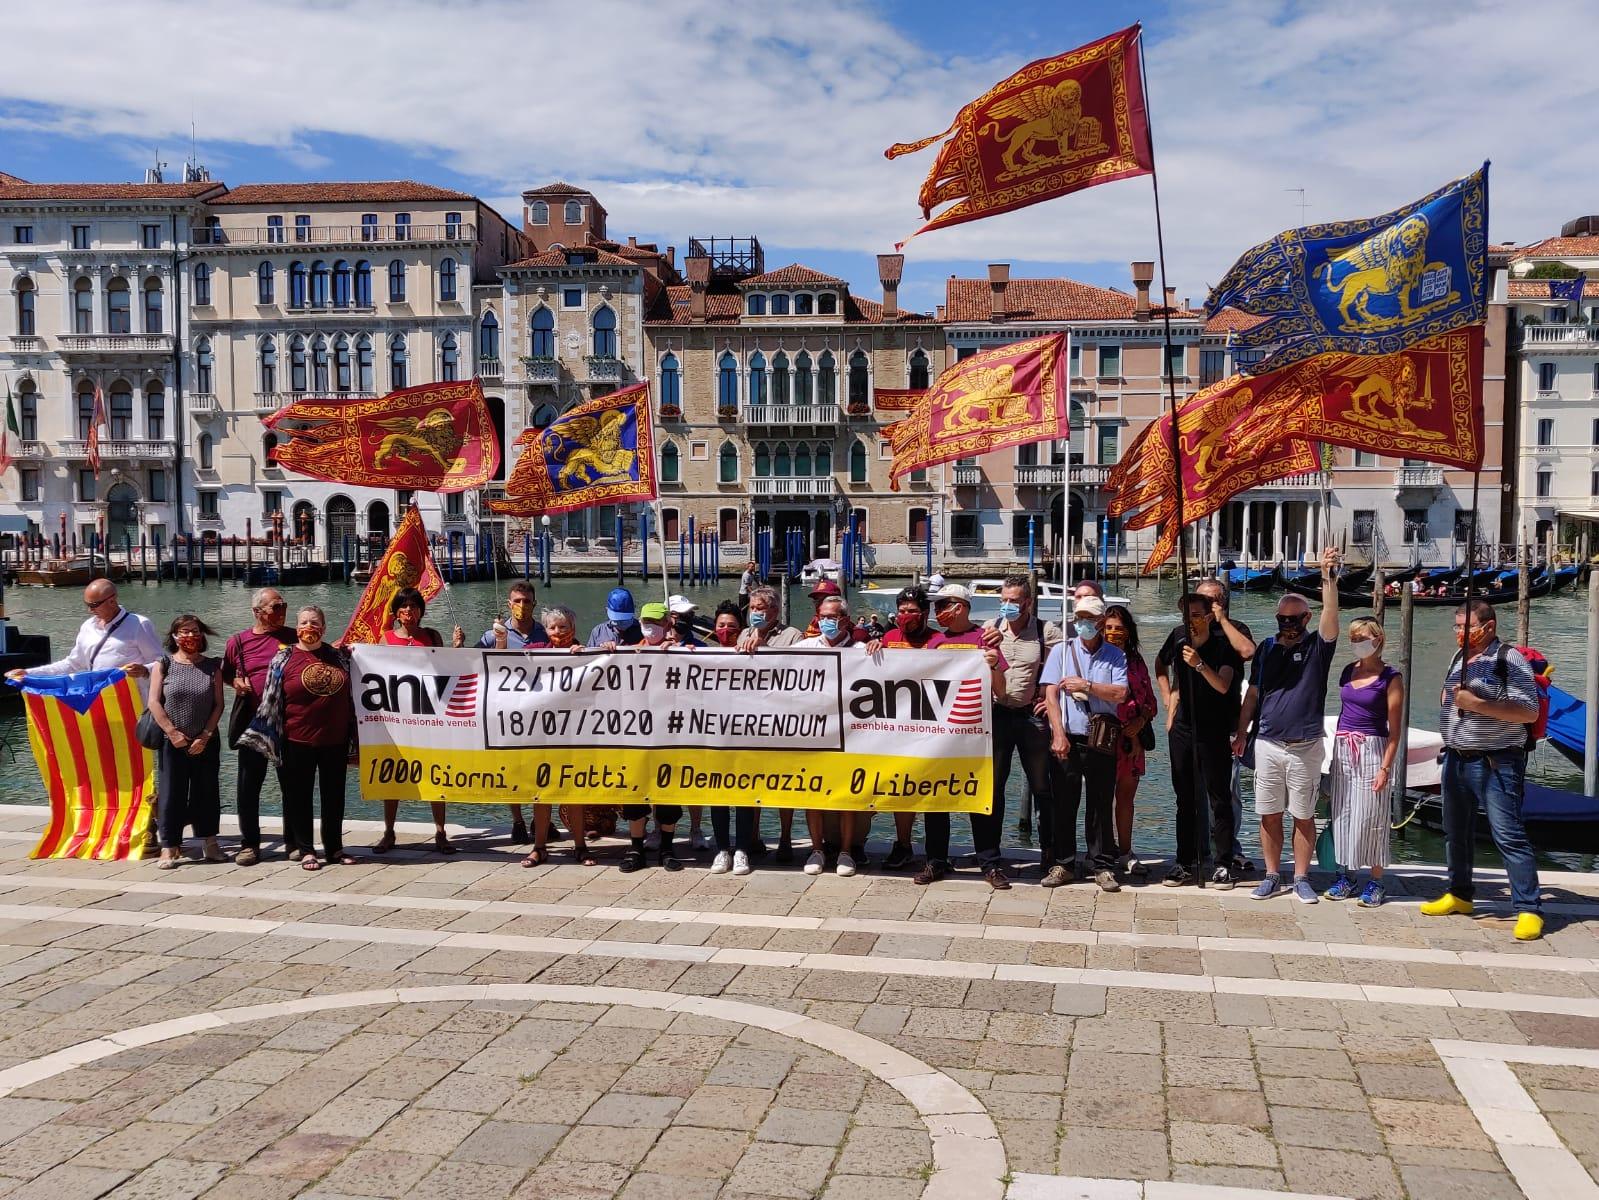 Manifestazione per l'autonomia a Venezia il 18 luglio 2020